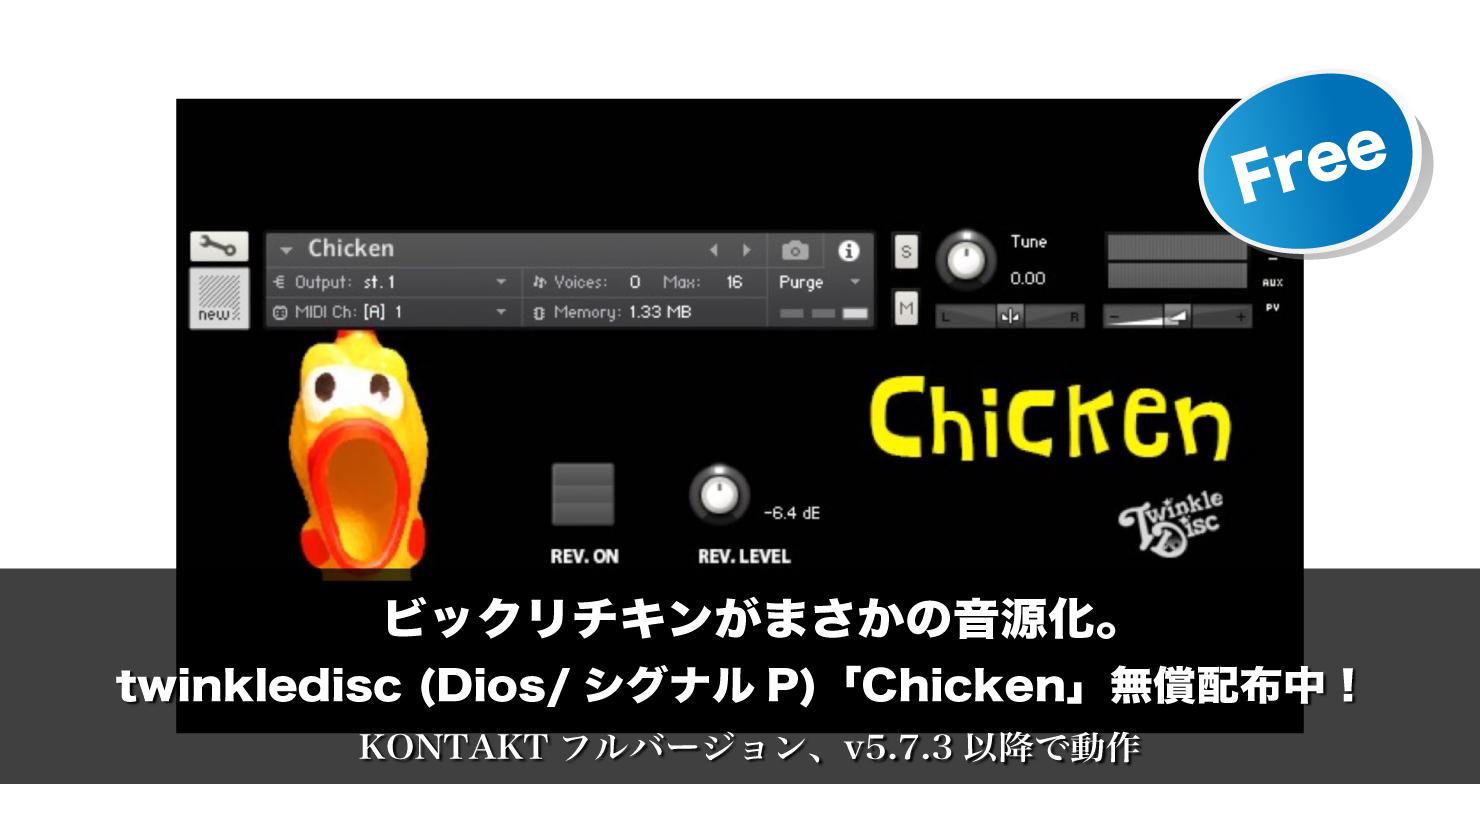 【無償配布中!】あの音がついにプラグイン化。twinkledisc (Dios/シグナルP)「Chicken」